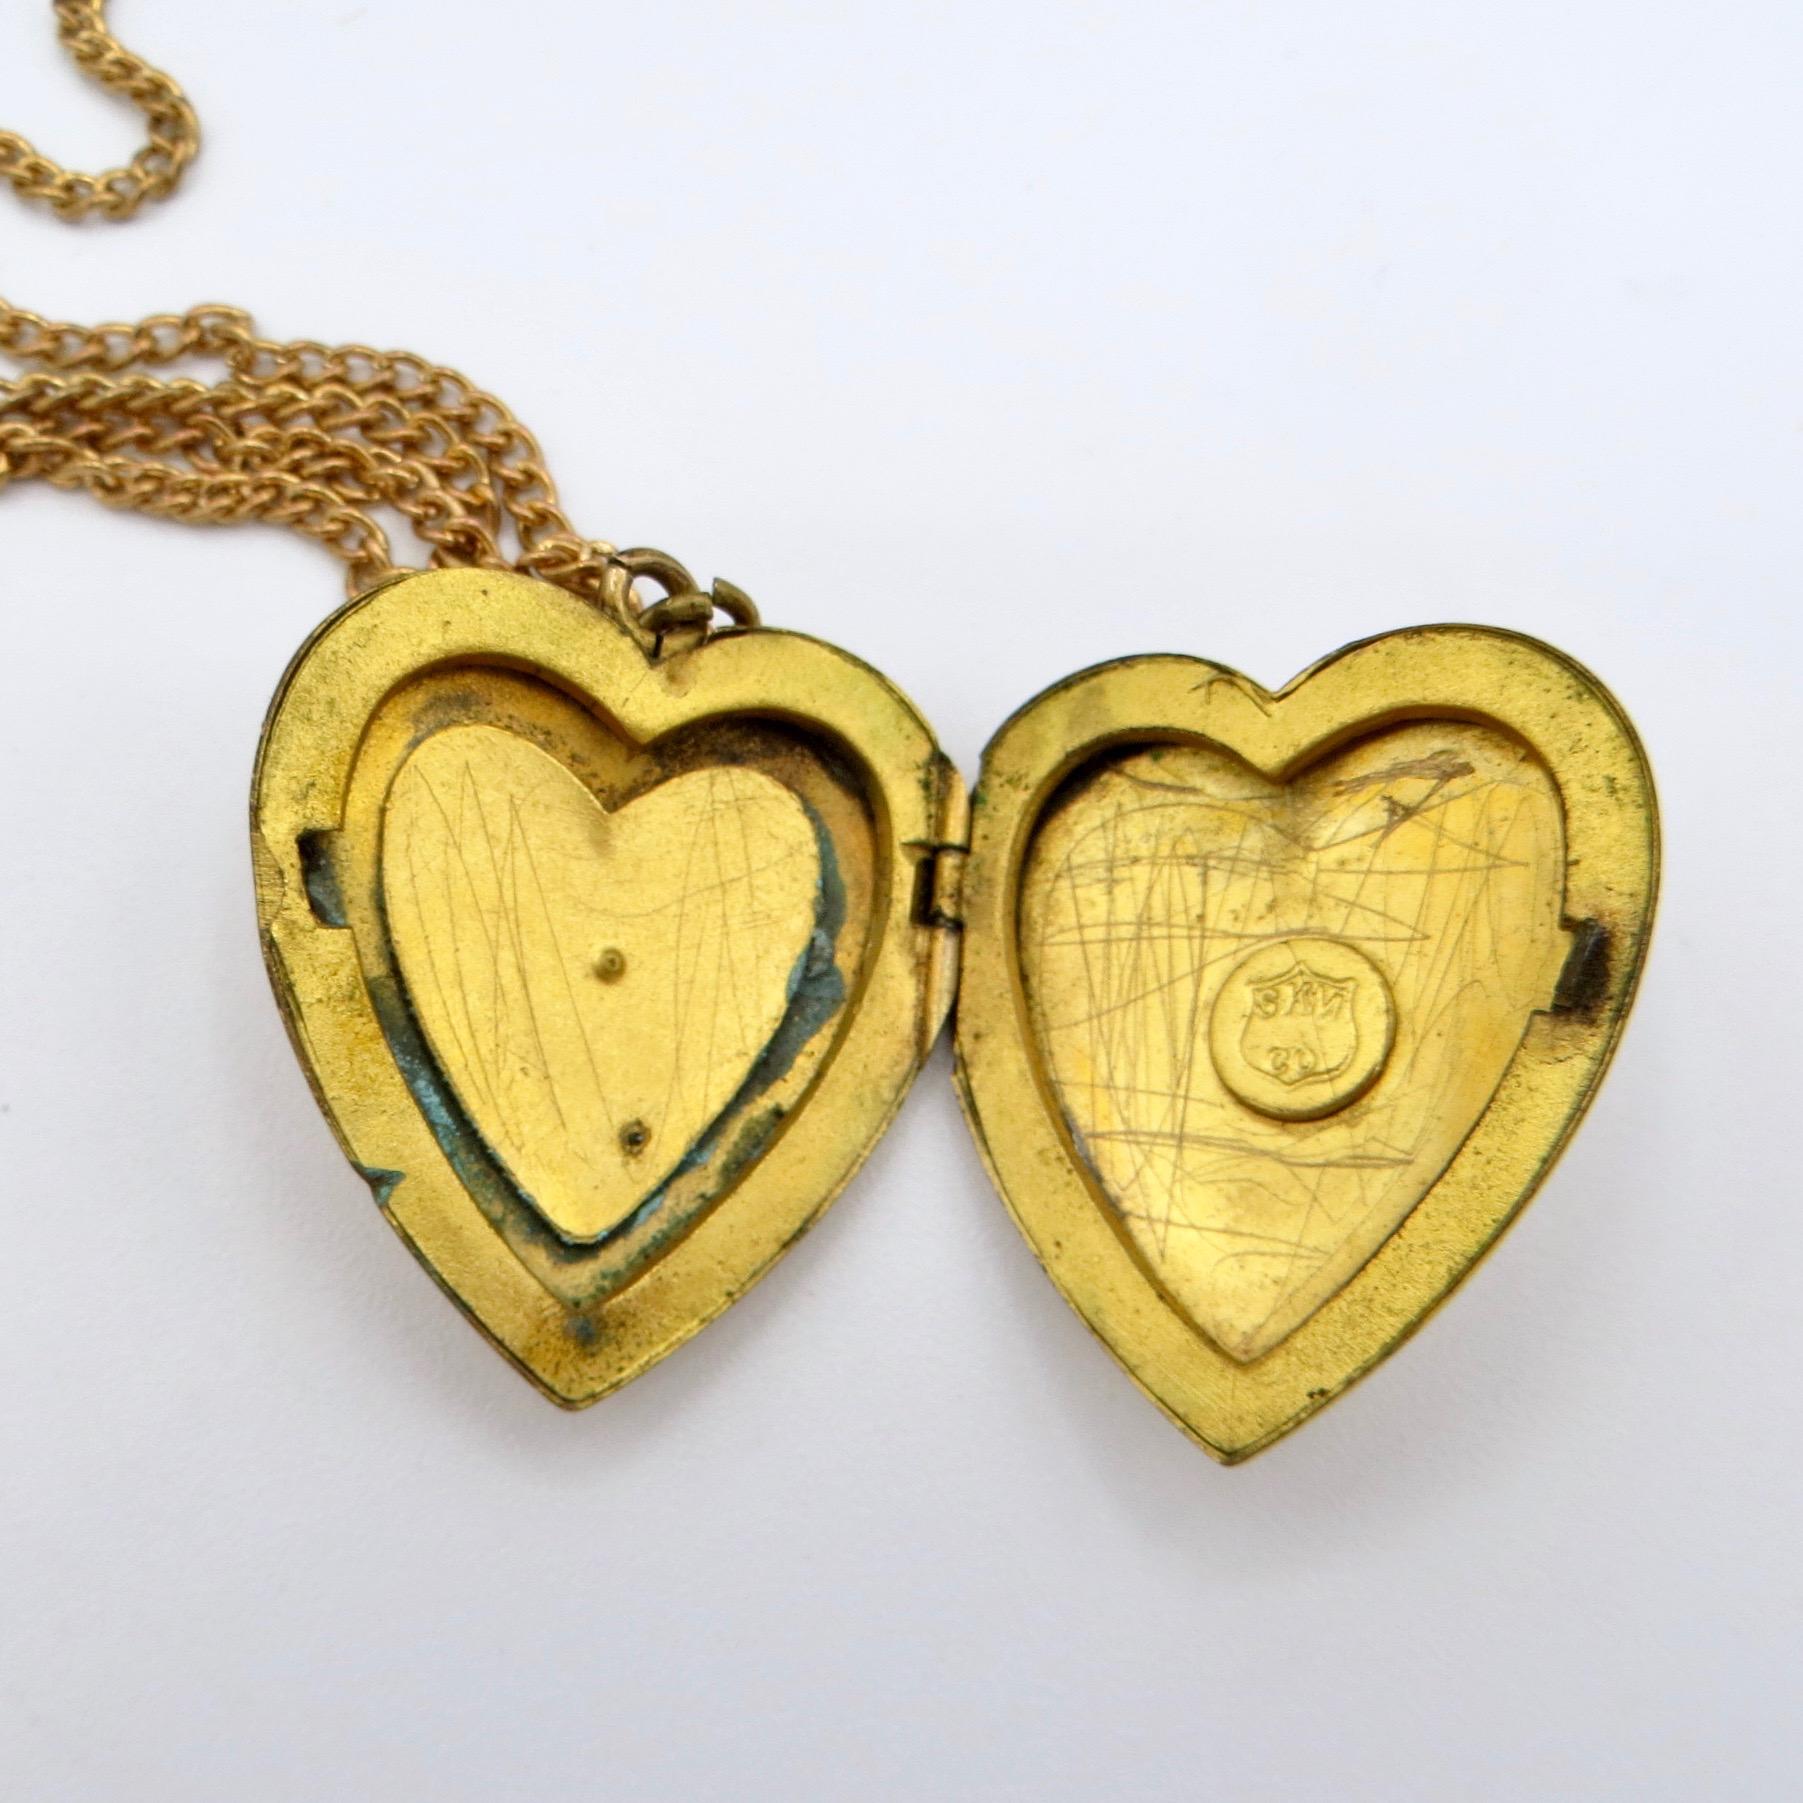 North Star Heart Locket c.1915